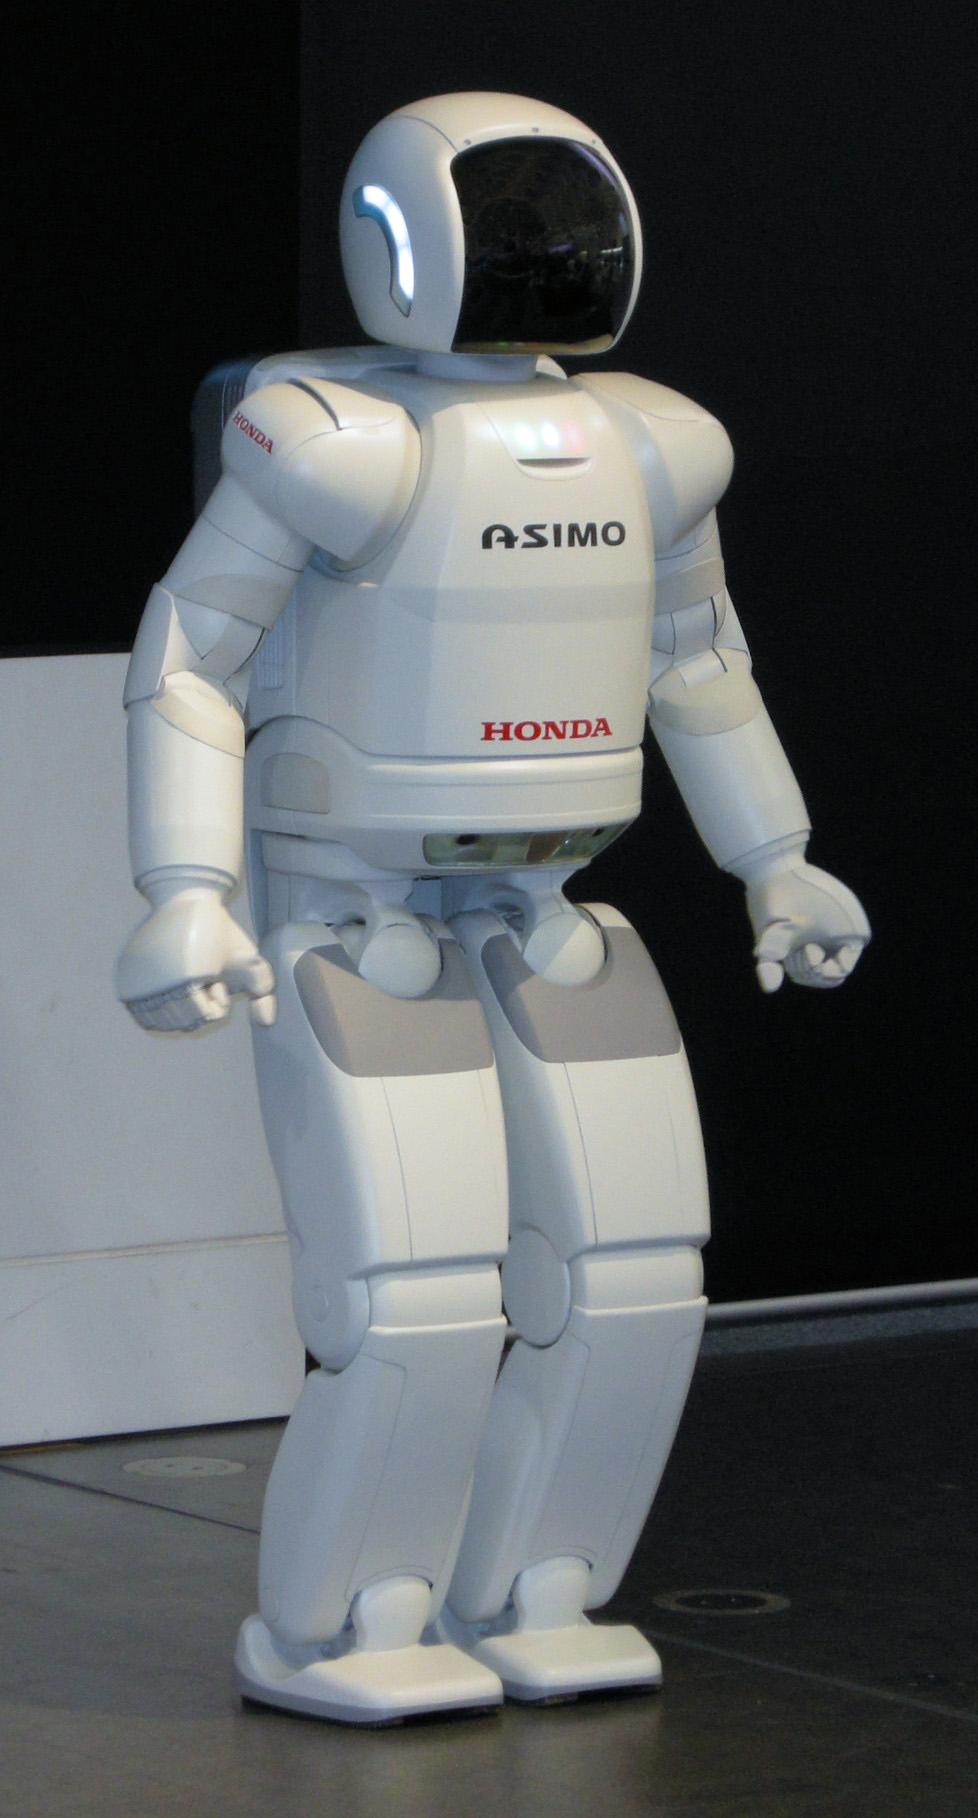 2005_Honda_ASIMO_01.JPG